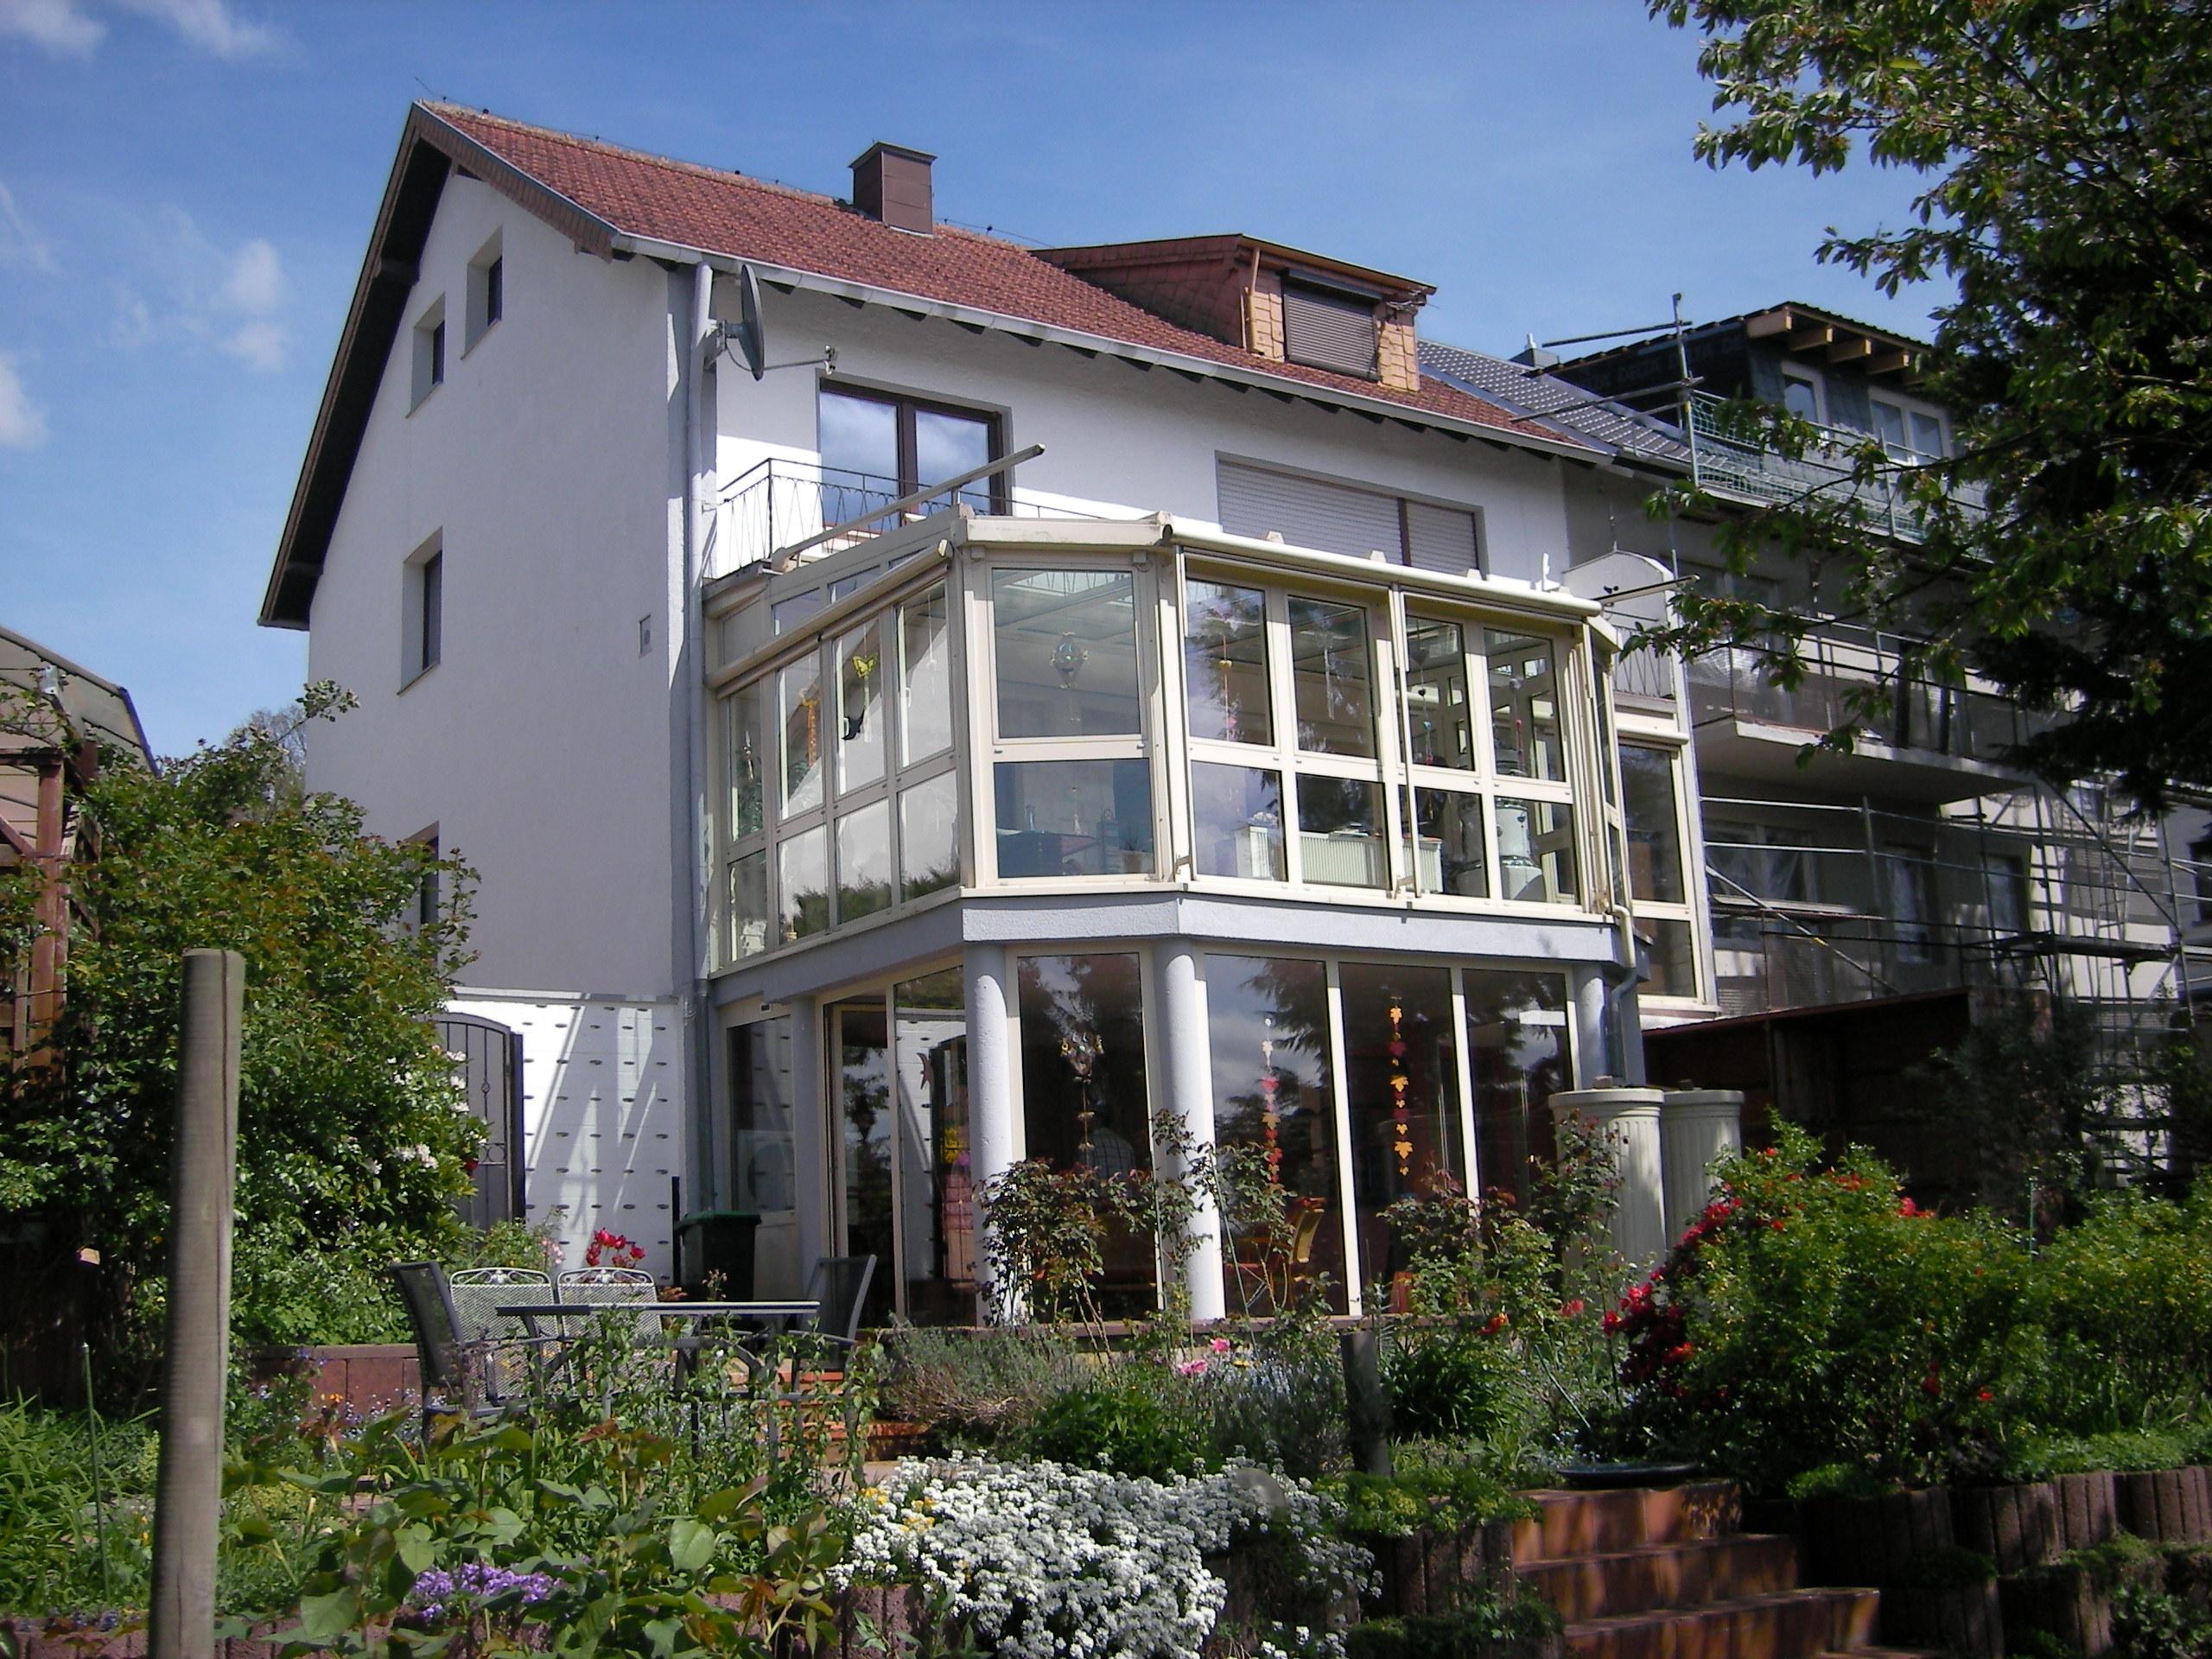 Zweifamilienhaus mit ausgebautem Studio im Dachgeschoss